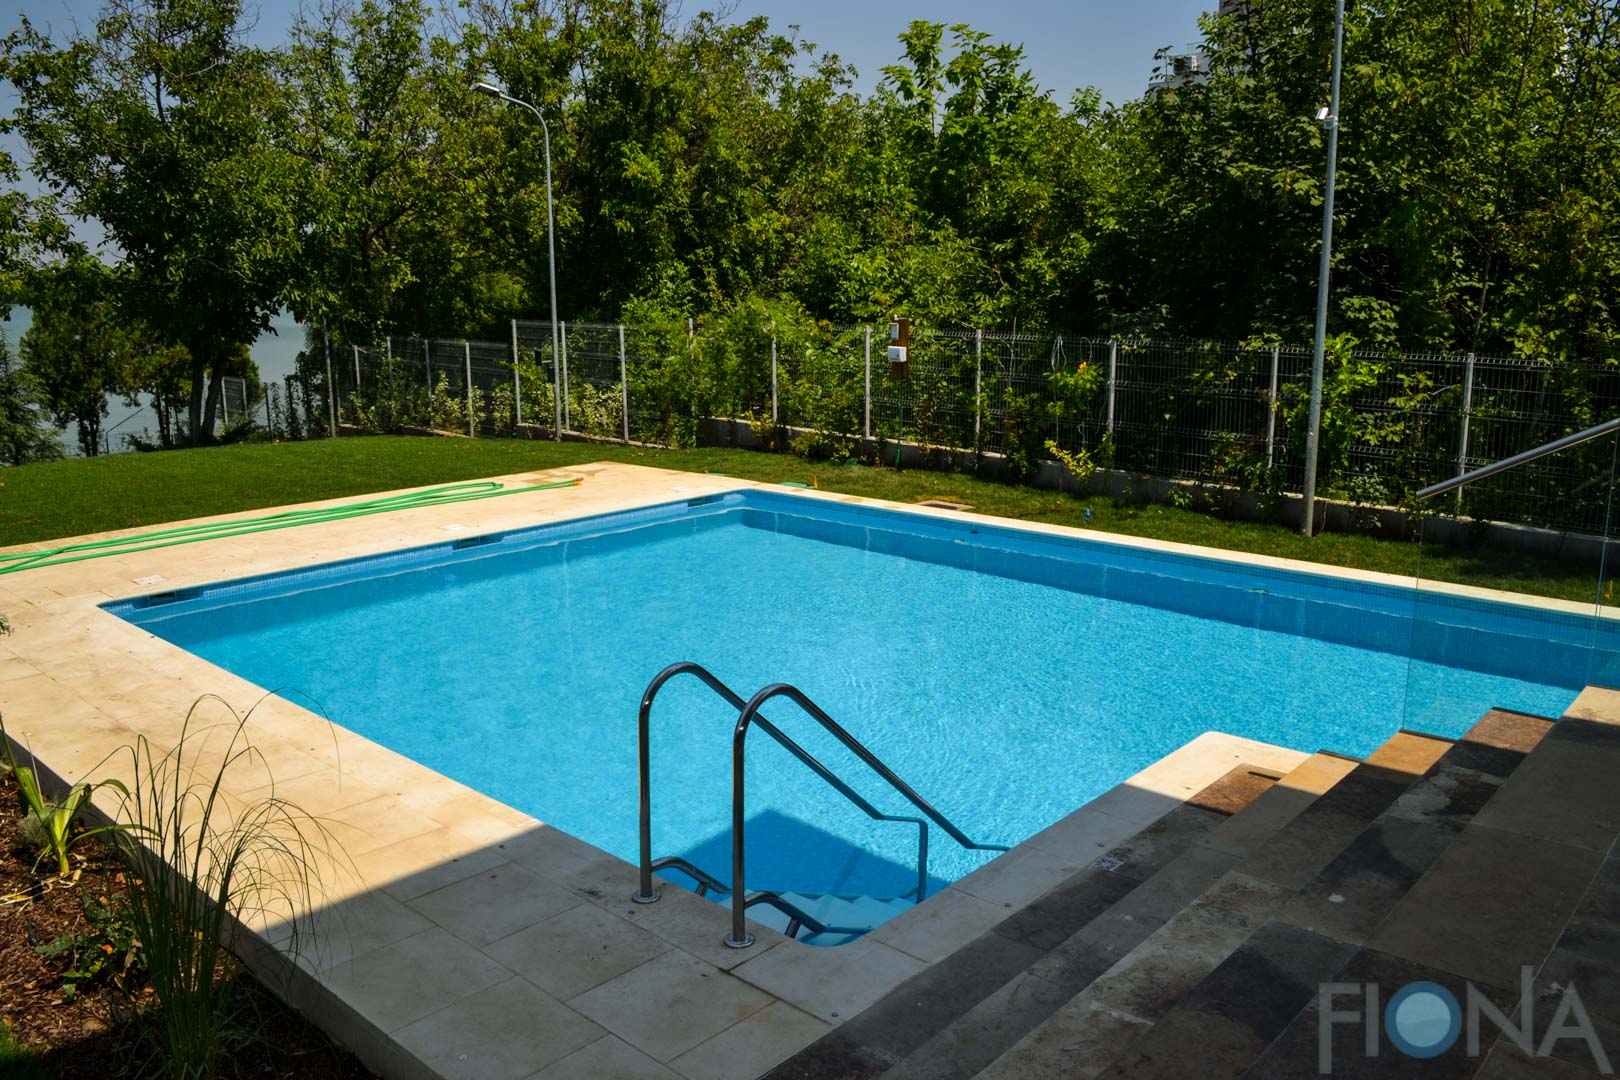 piscina-privata-skimmer10